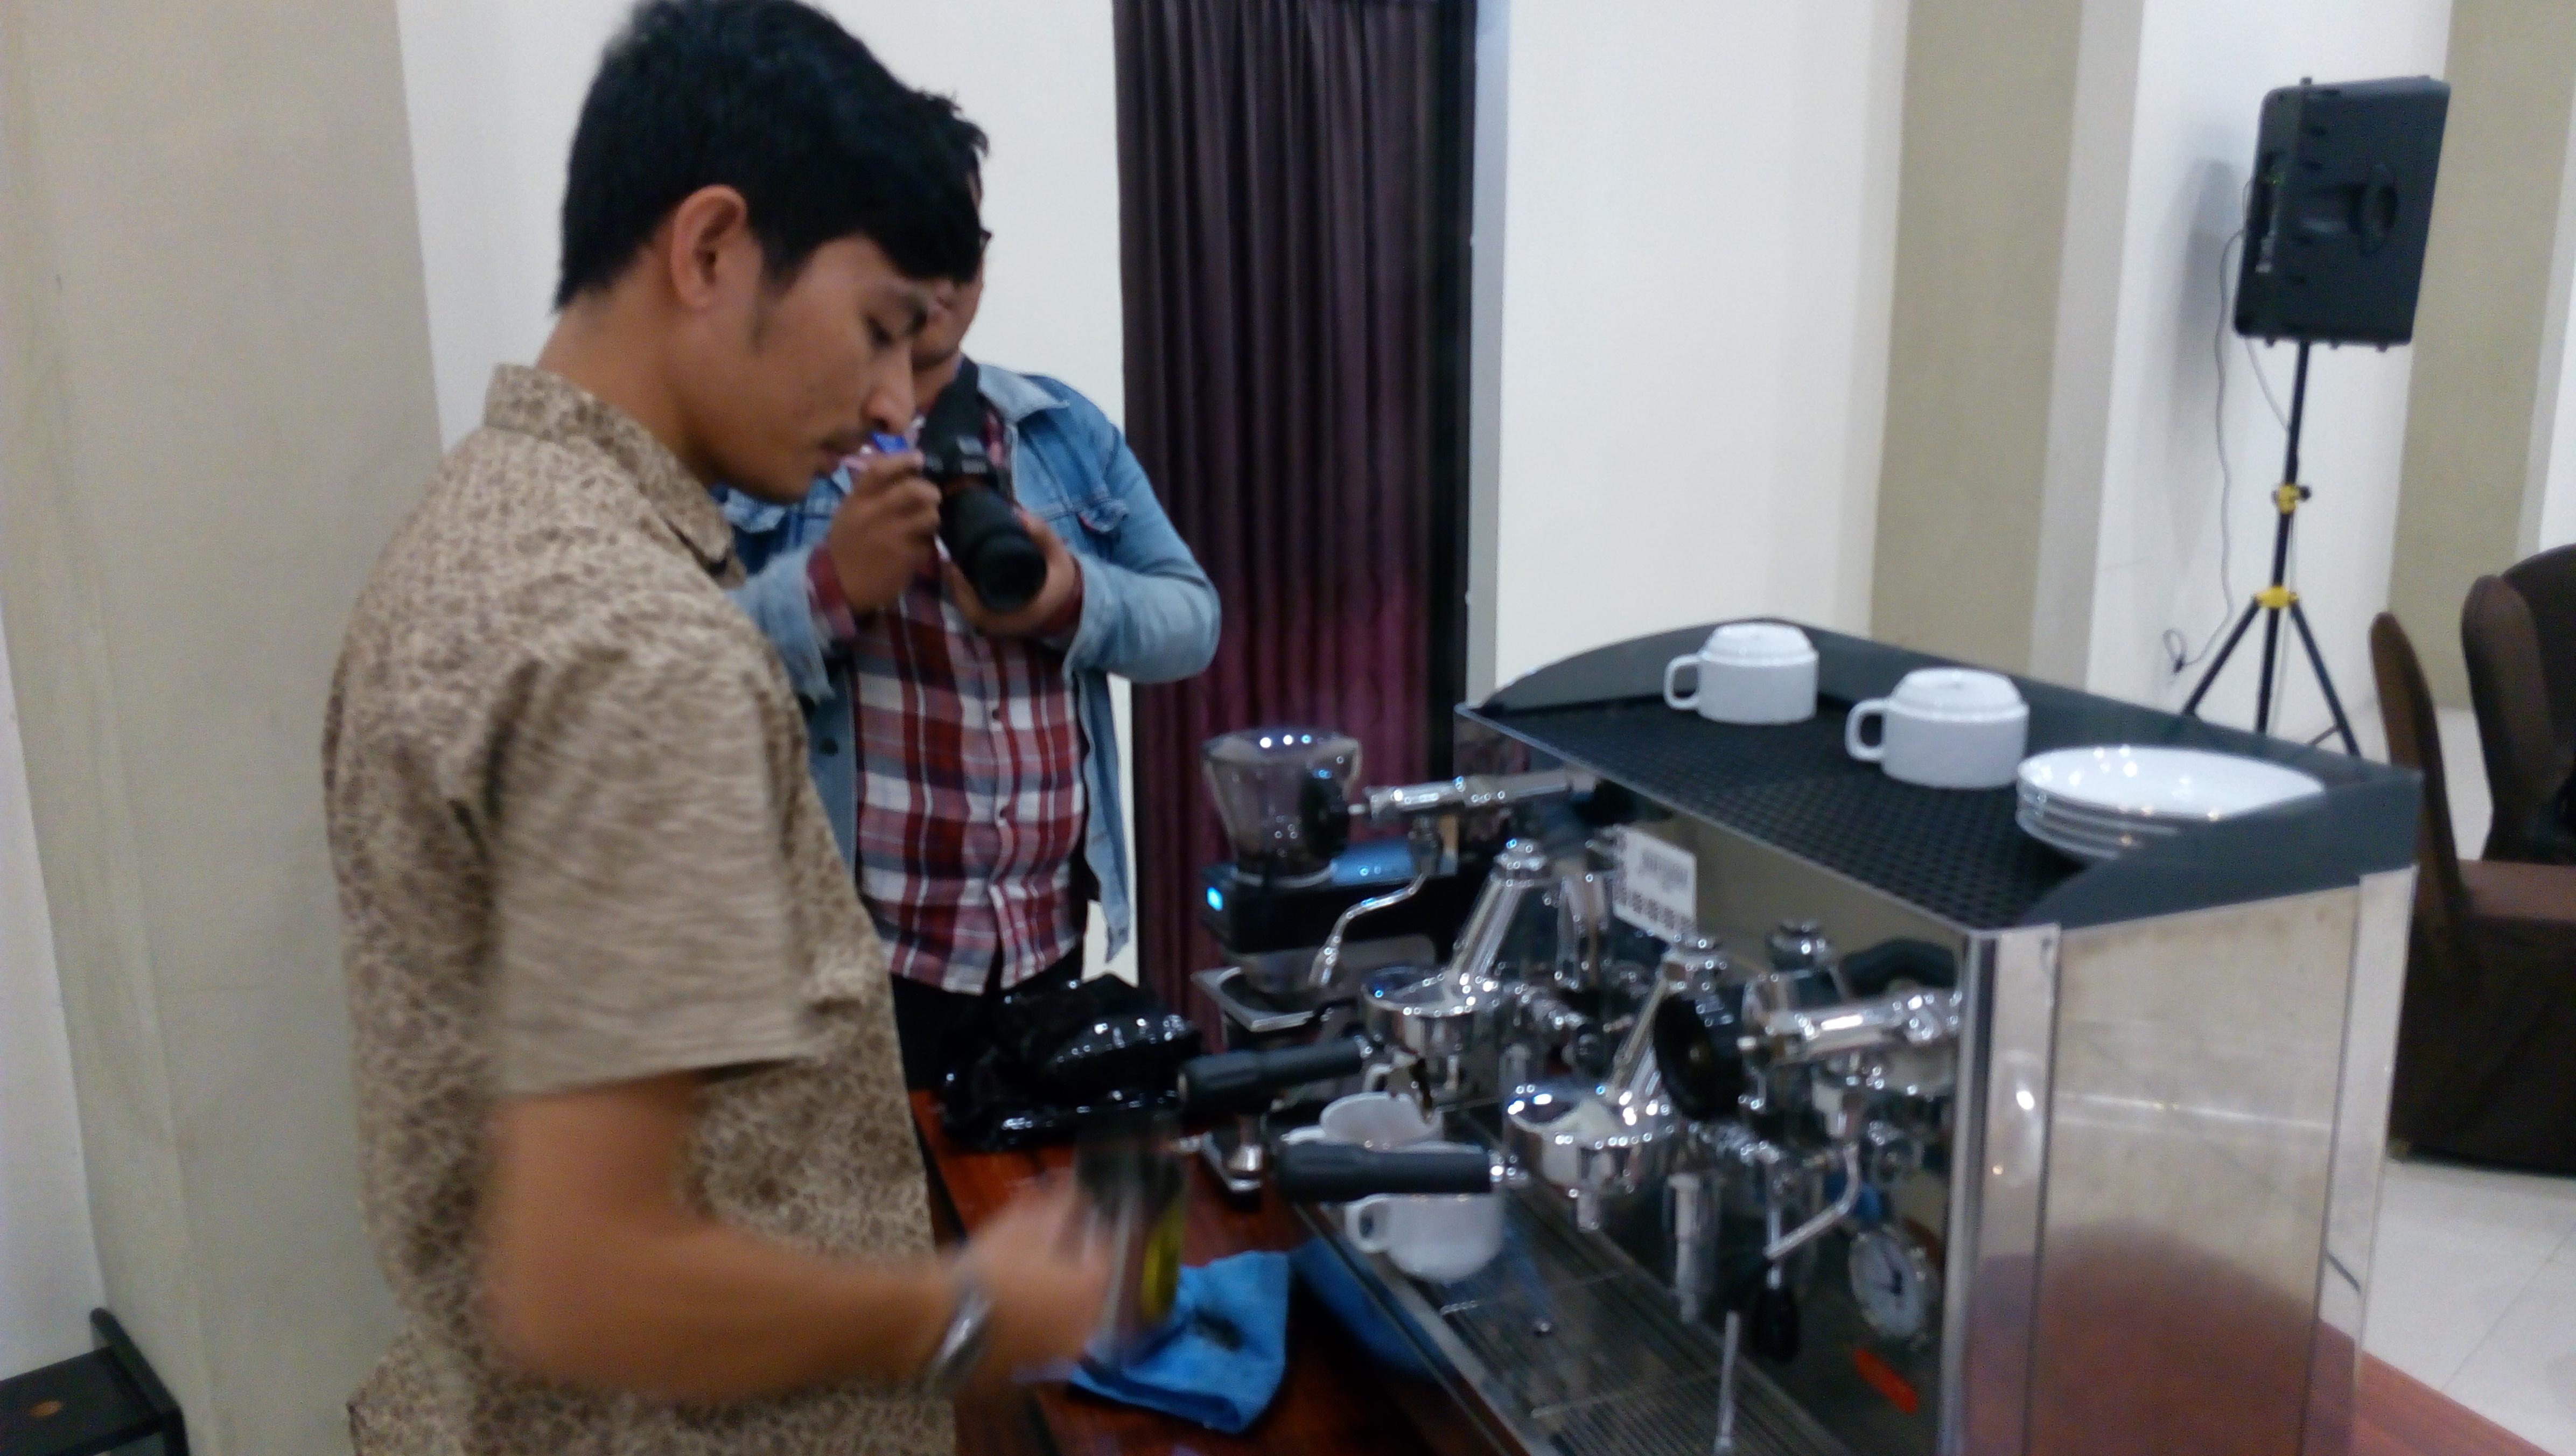 Perkembangan kedai kopi yang semakin tumbuh pesat, menunjukkan jika saat ini minum kopi di kafe telah menjadi gaya hidup